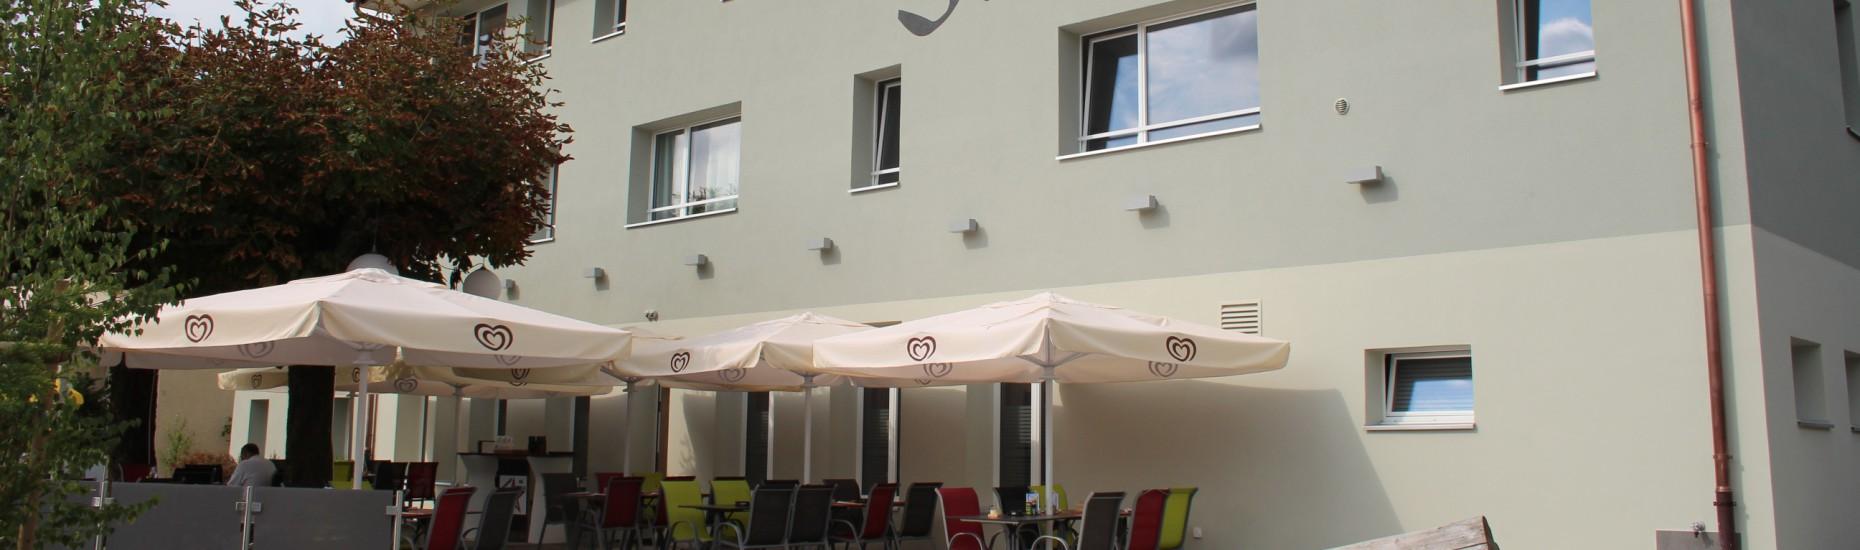 Restaurant Steibruechli Brugg Lauffohr Raucher